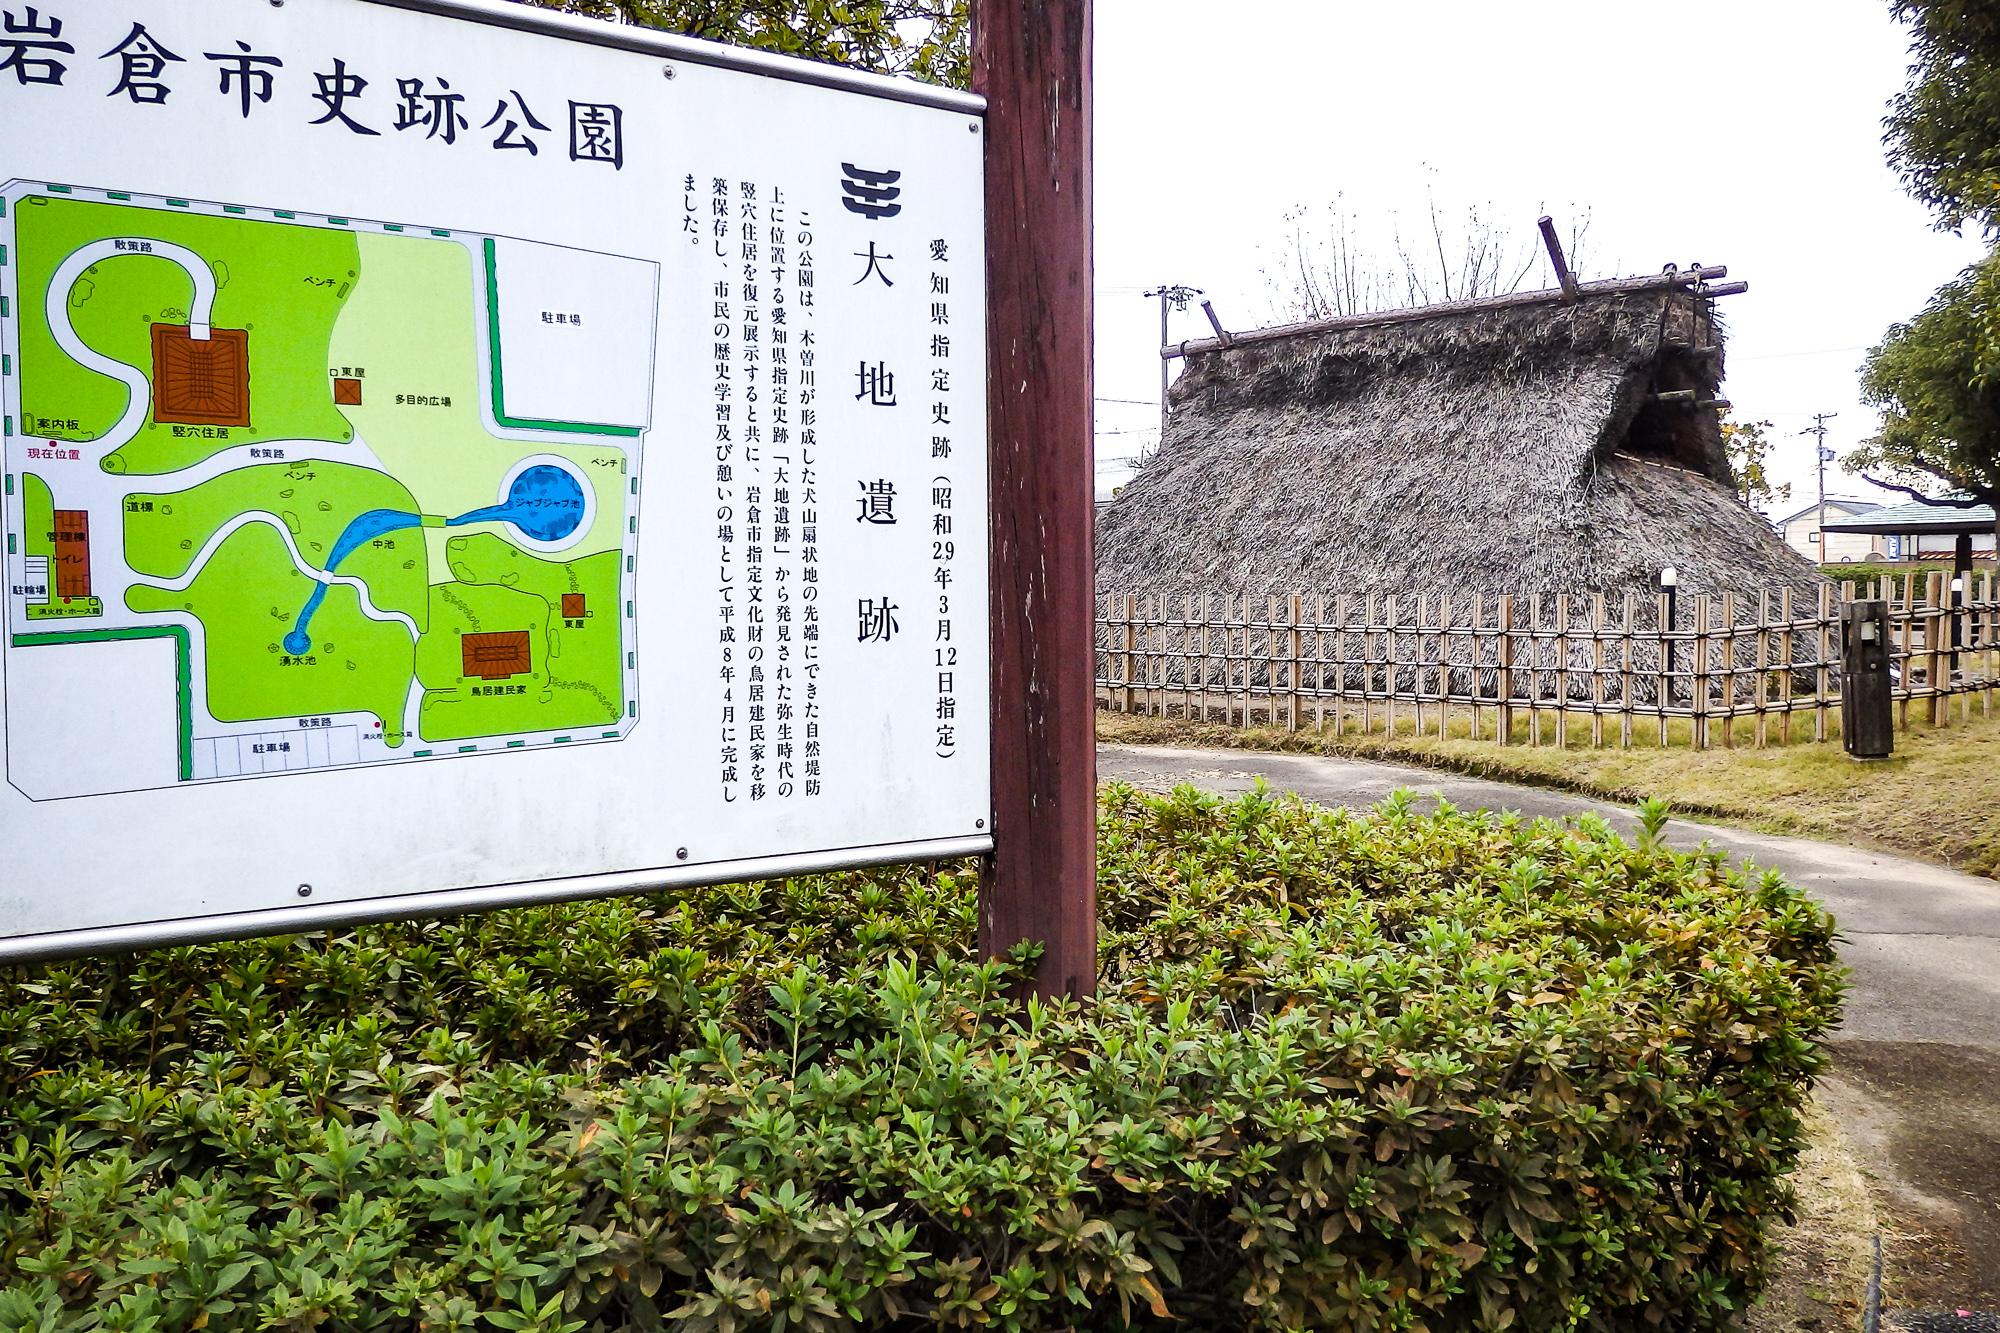 岩倉市史跡公園、大地遺跡